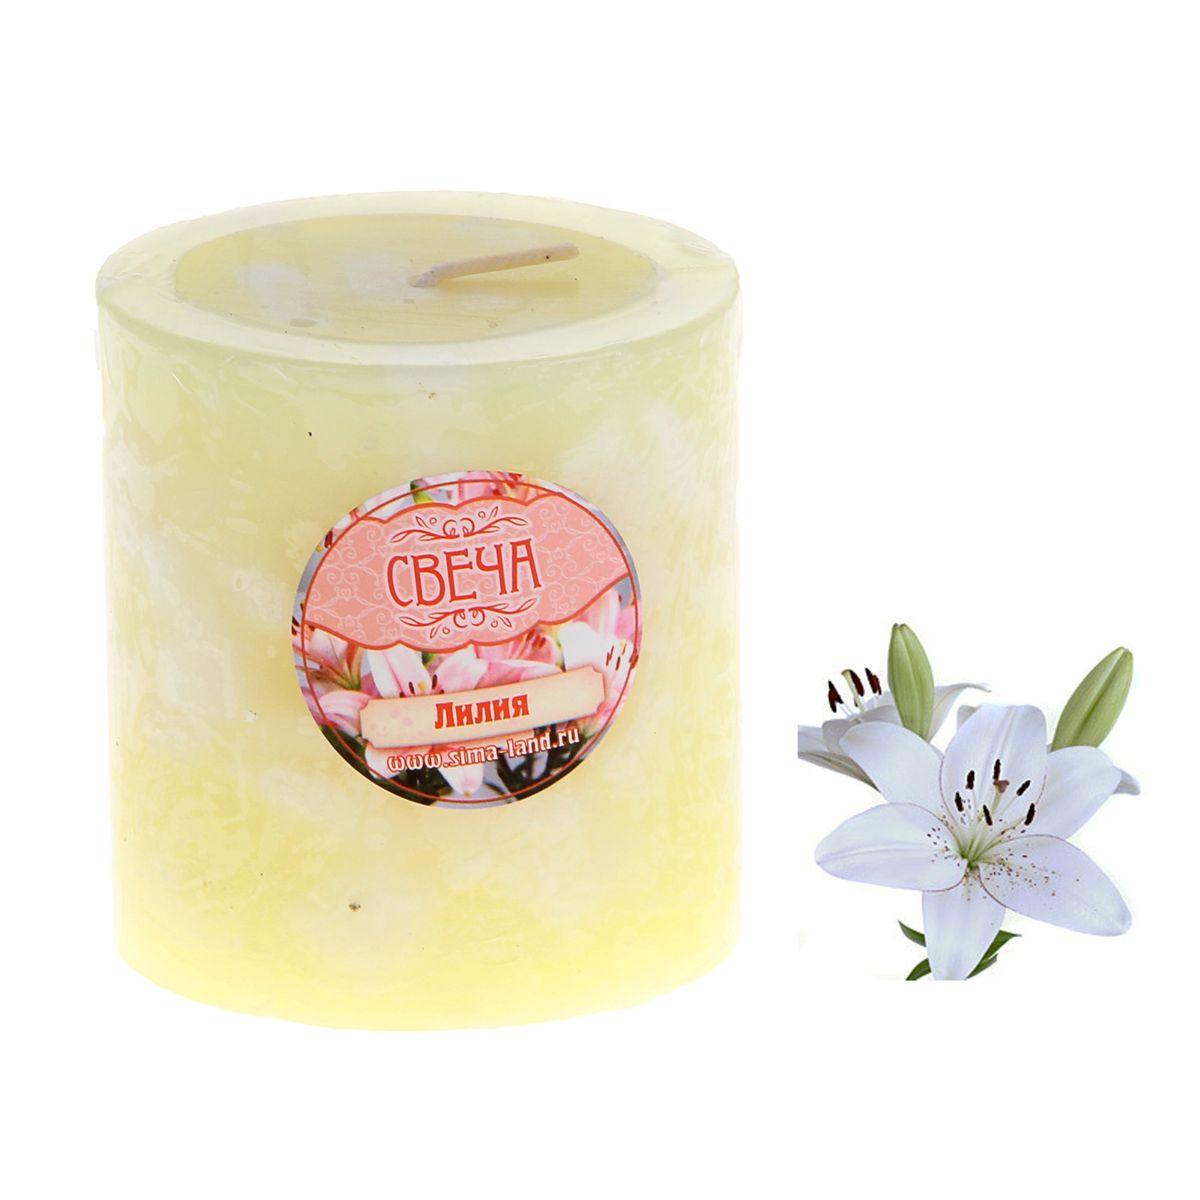 Свеча ароматизированная Sima-land Слияние, с ароматом лилии, цвет: светло-желтый, белый, высота 7 см